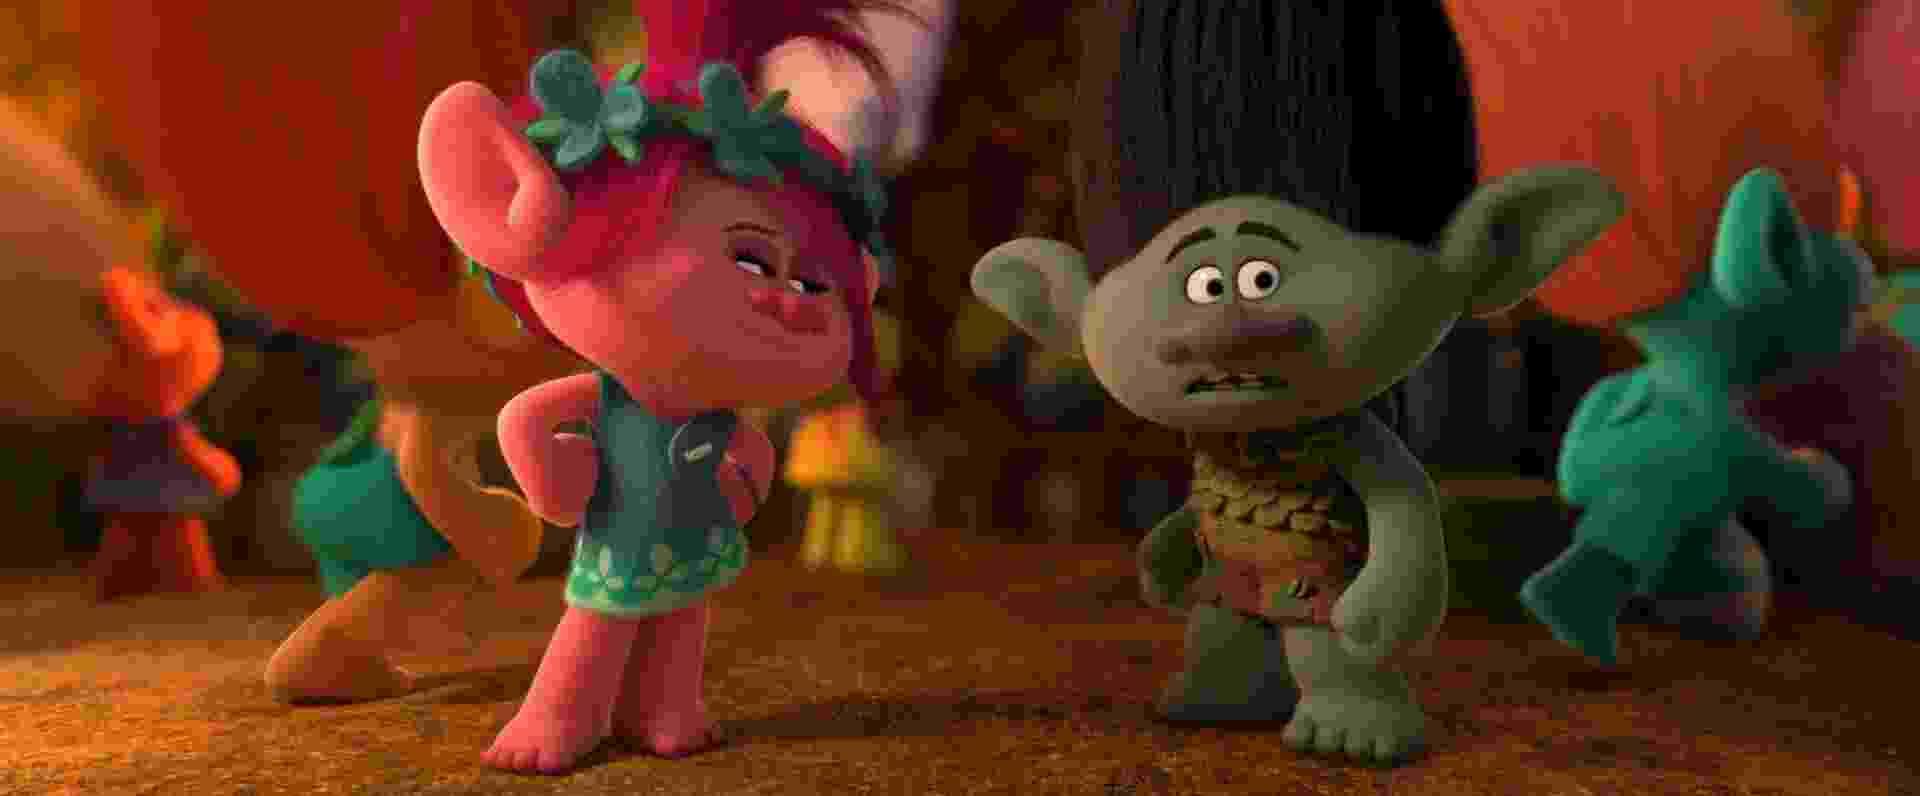 """Os personagens dublados por Anna Kendrick e Justin Timberlake na animação """"Trolls"""", que estreia em 27 de outubro - Divulgação"""